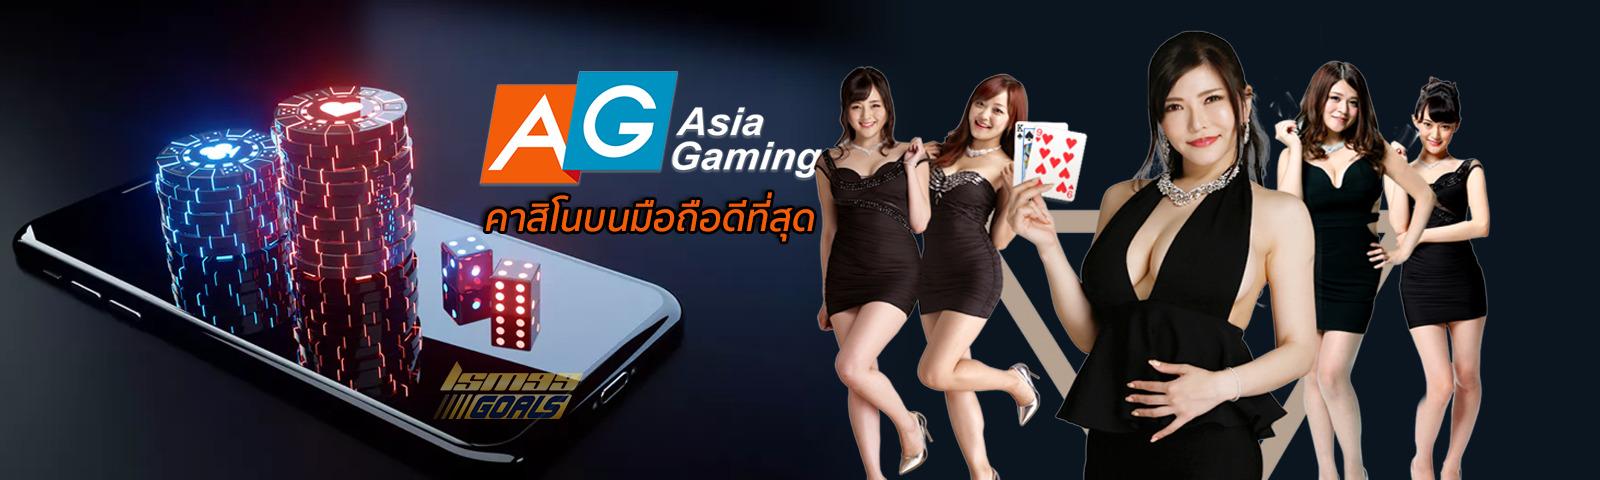 ทางเข้าAG Gaming-mega888